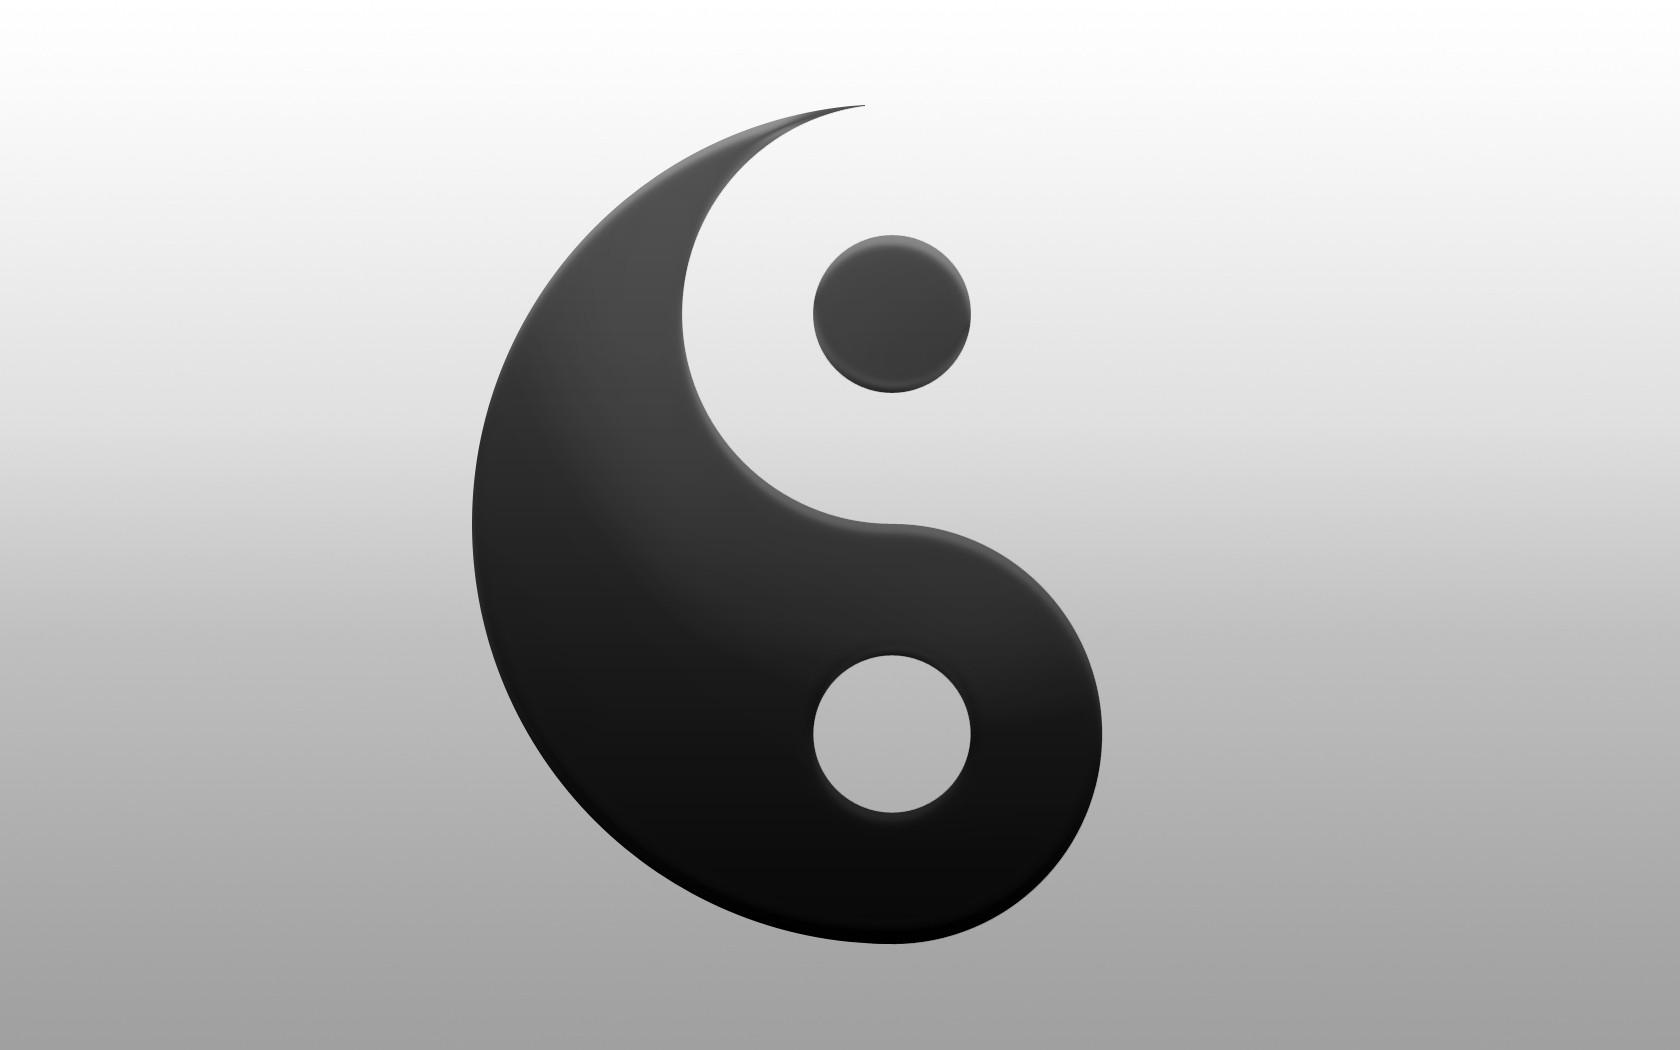 hình minh họa bản văn Logo ria vòng tròn Âm dương Ký hiệu nhãn hiệu ký